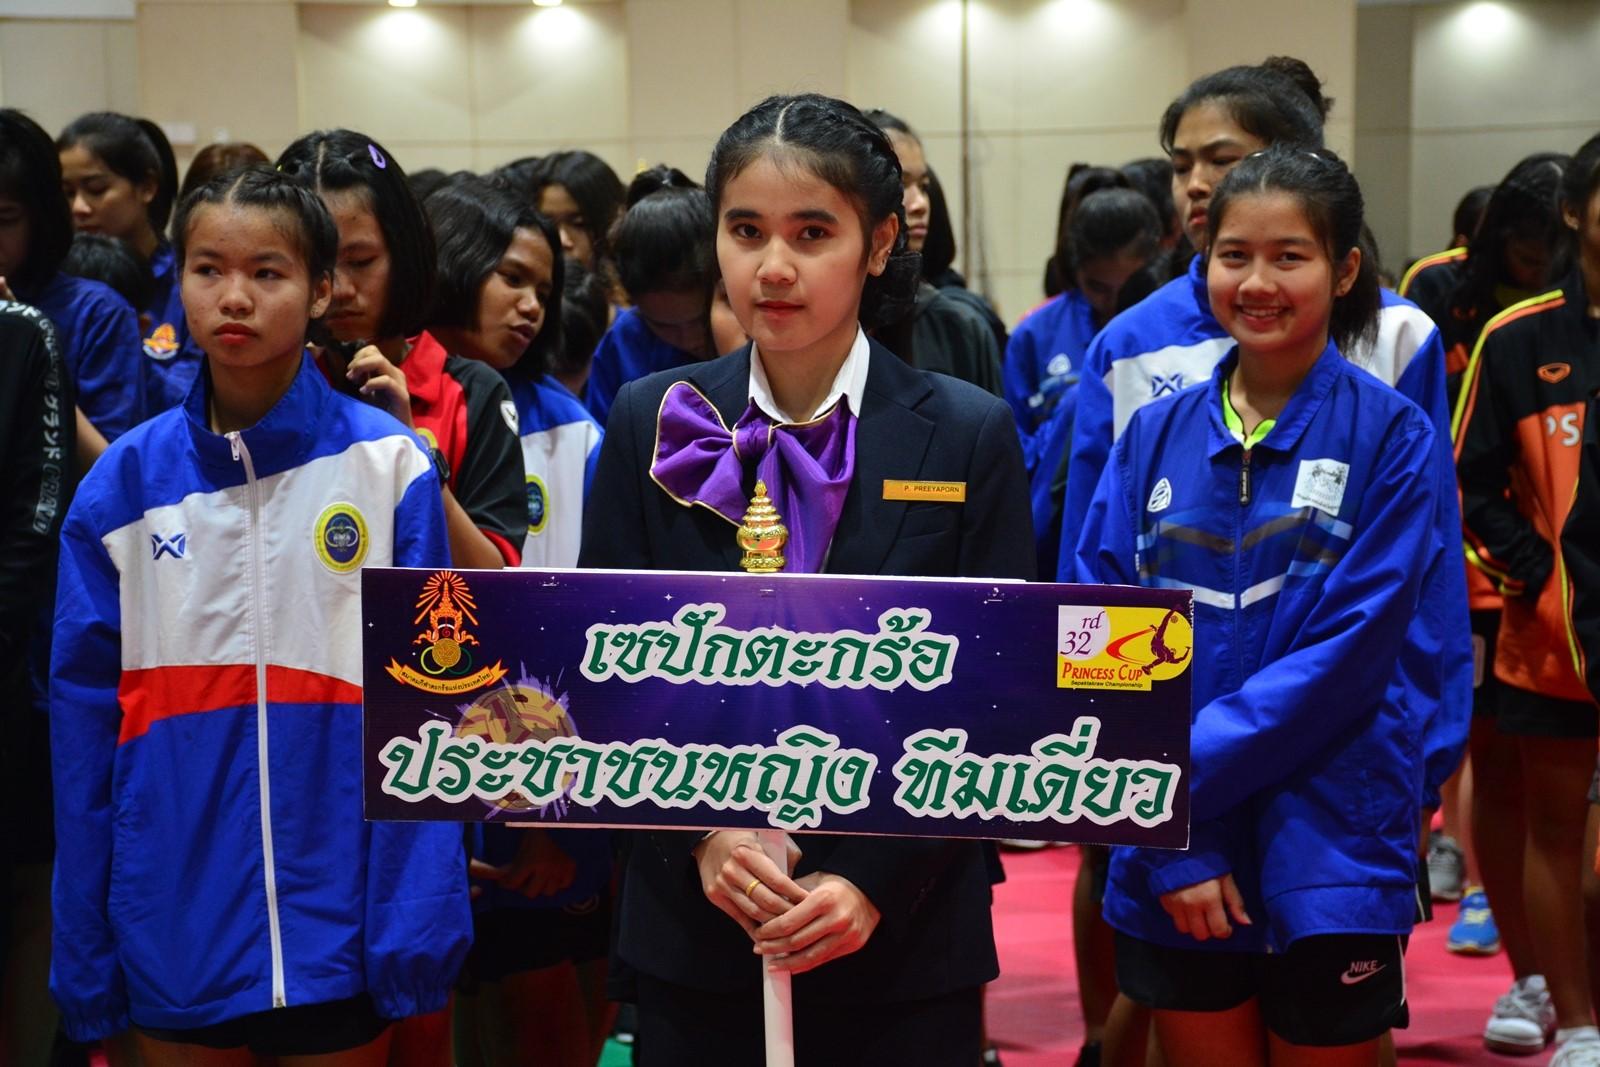 태국공주컵대회